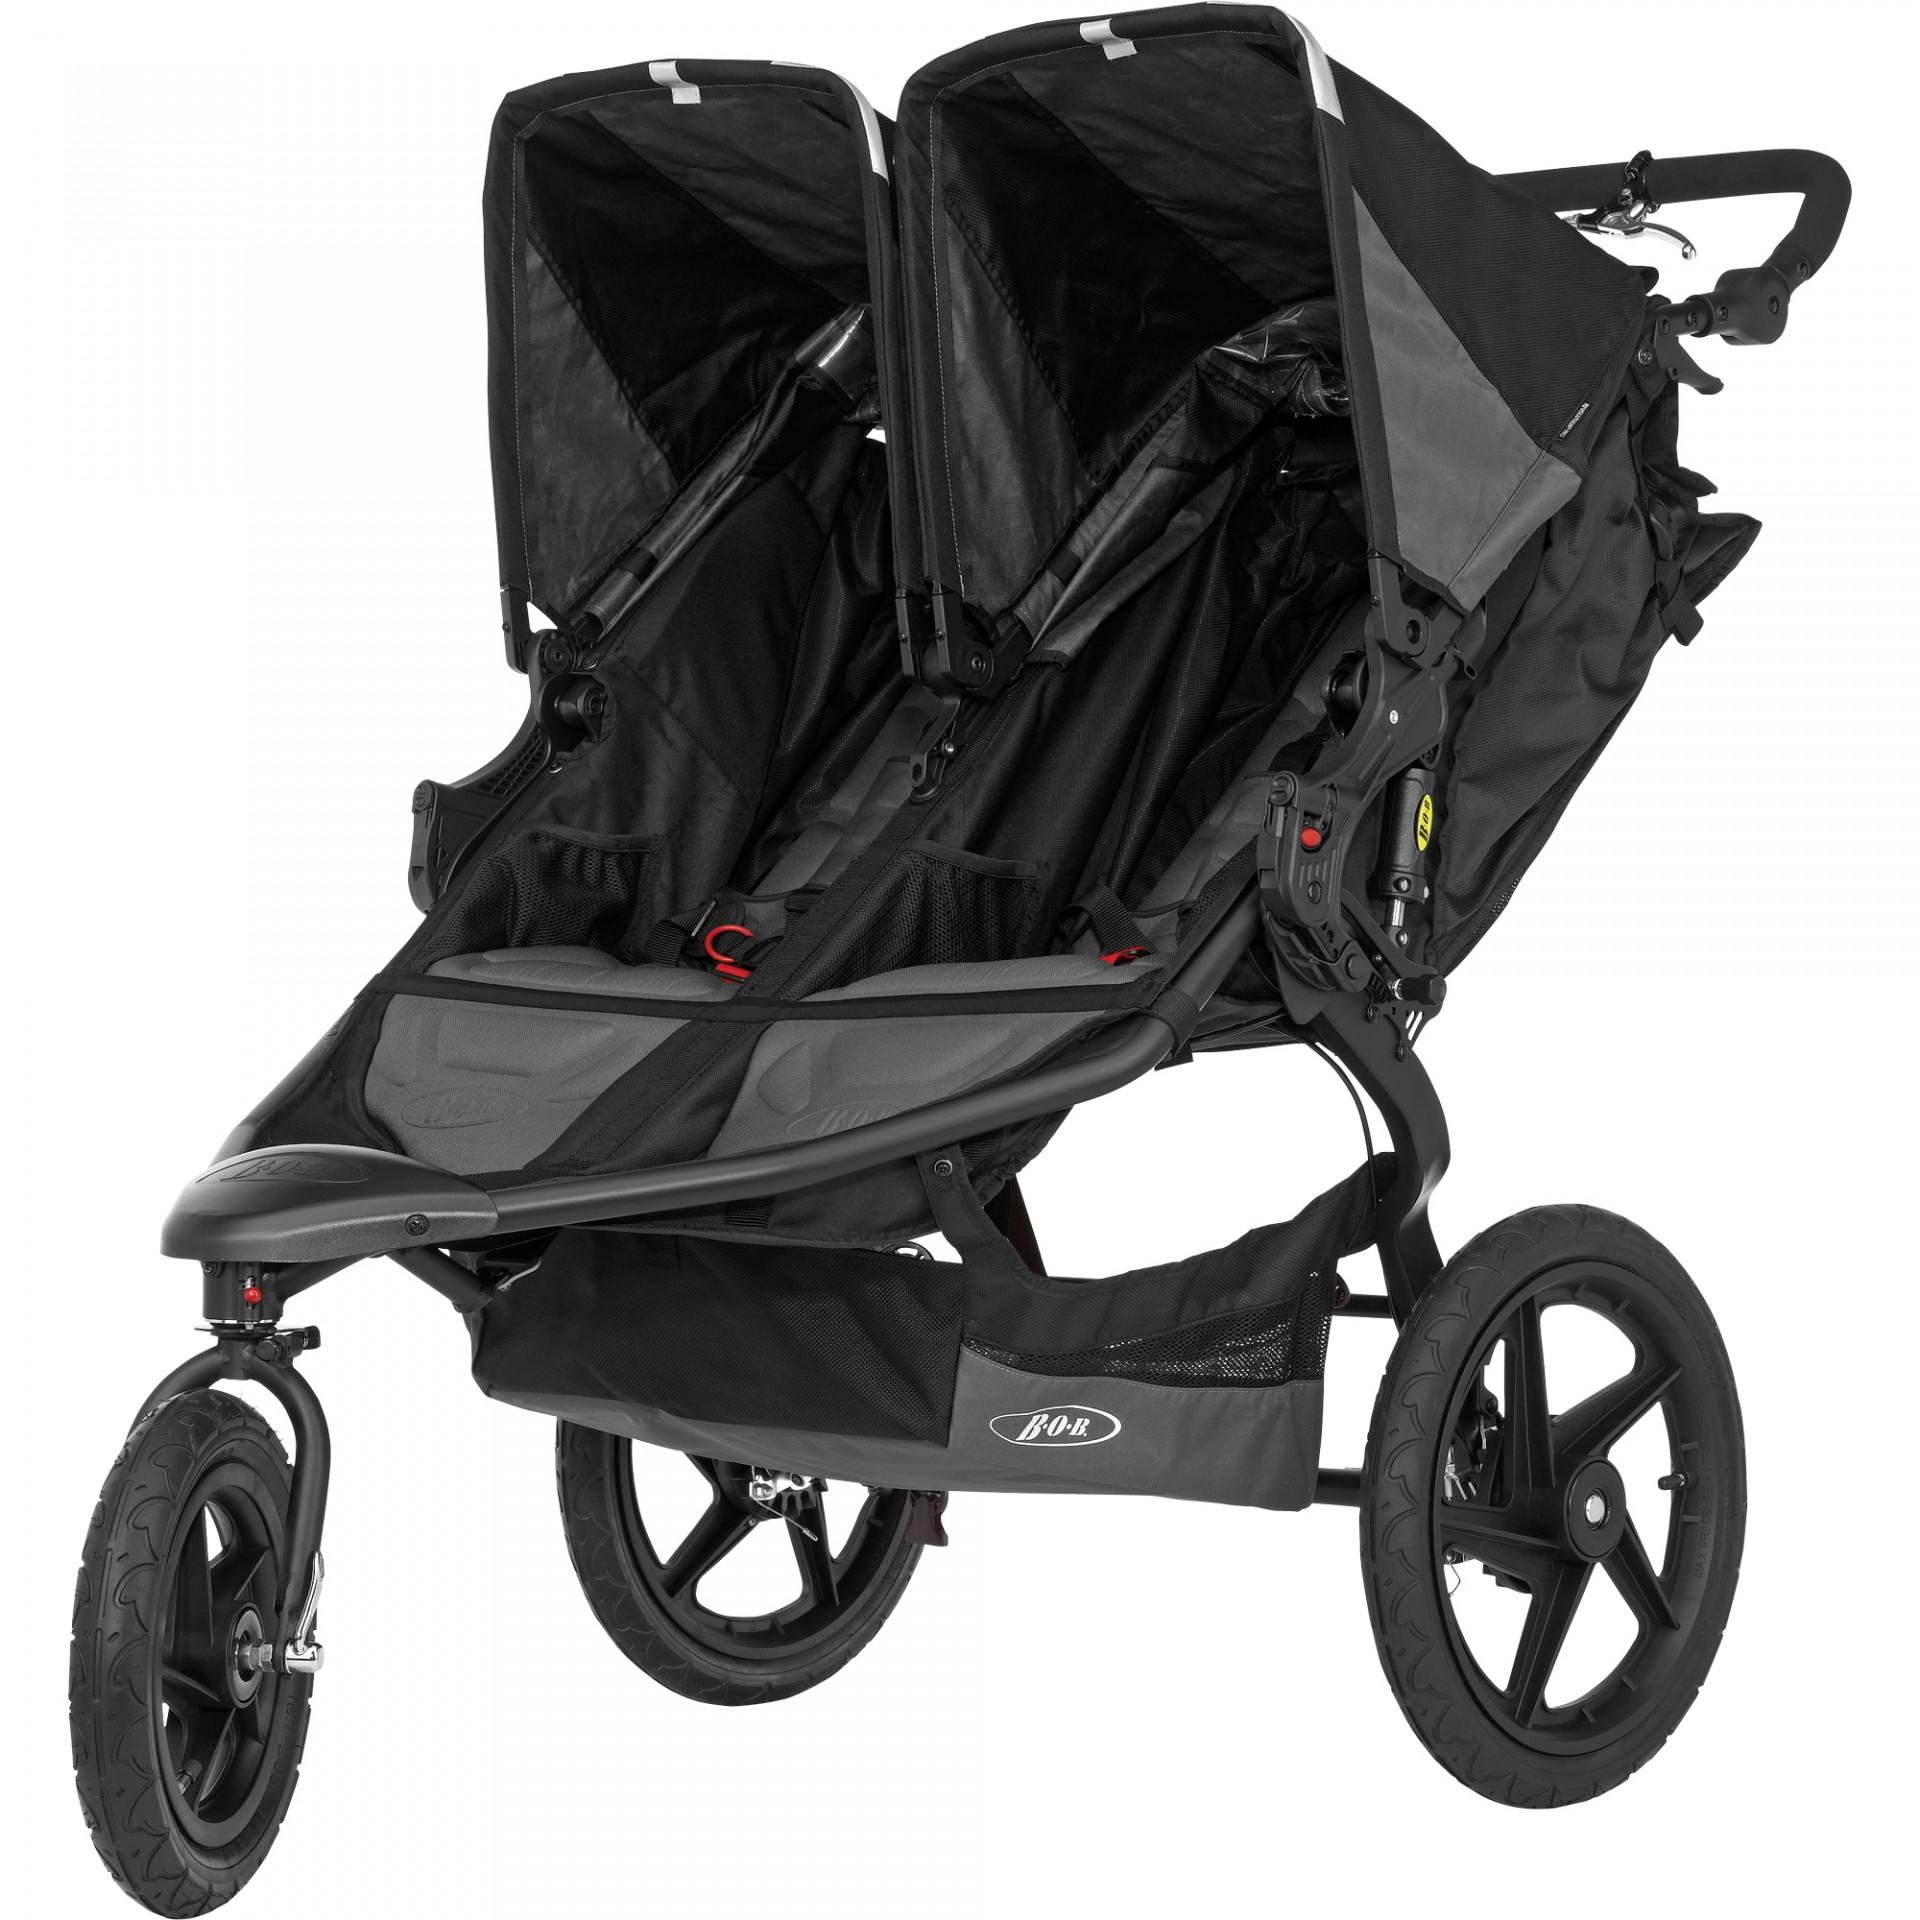 Carro Gémeos/2 crianças Britax Bob Revolution Pro Duallie Twins Stroller